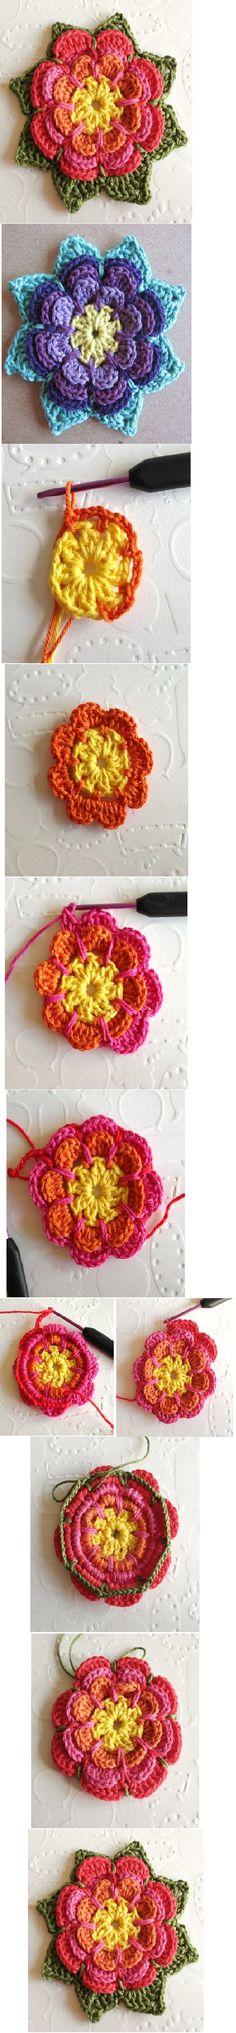 flower crochet motif - quick tutorial!